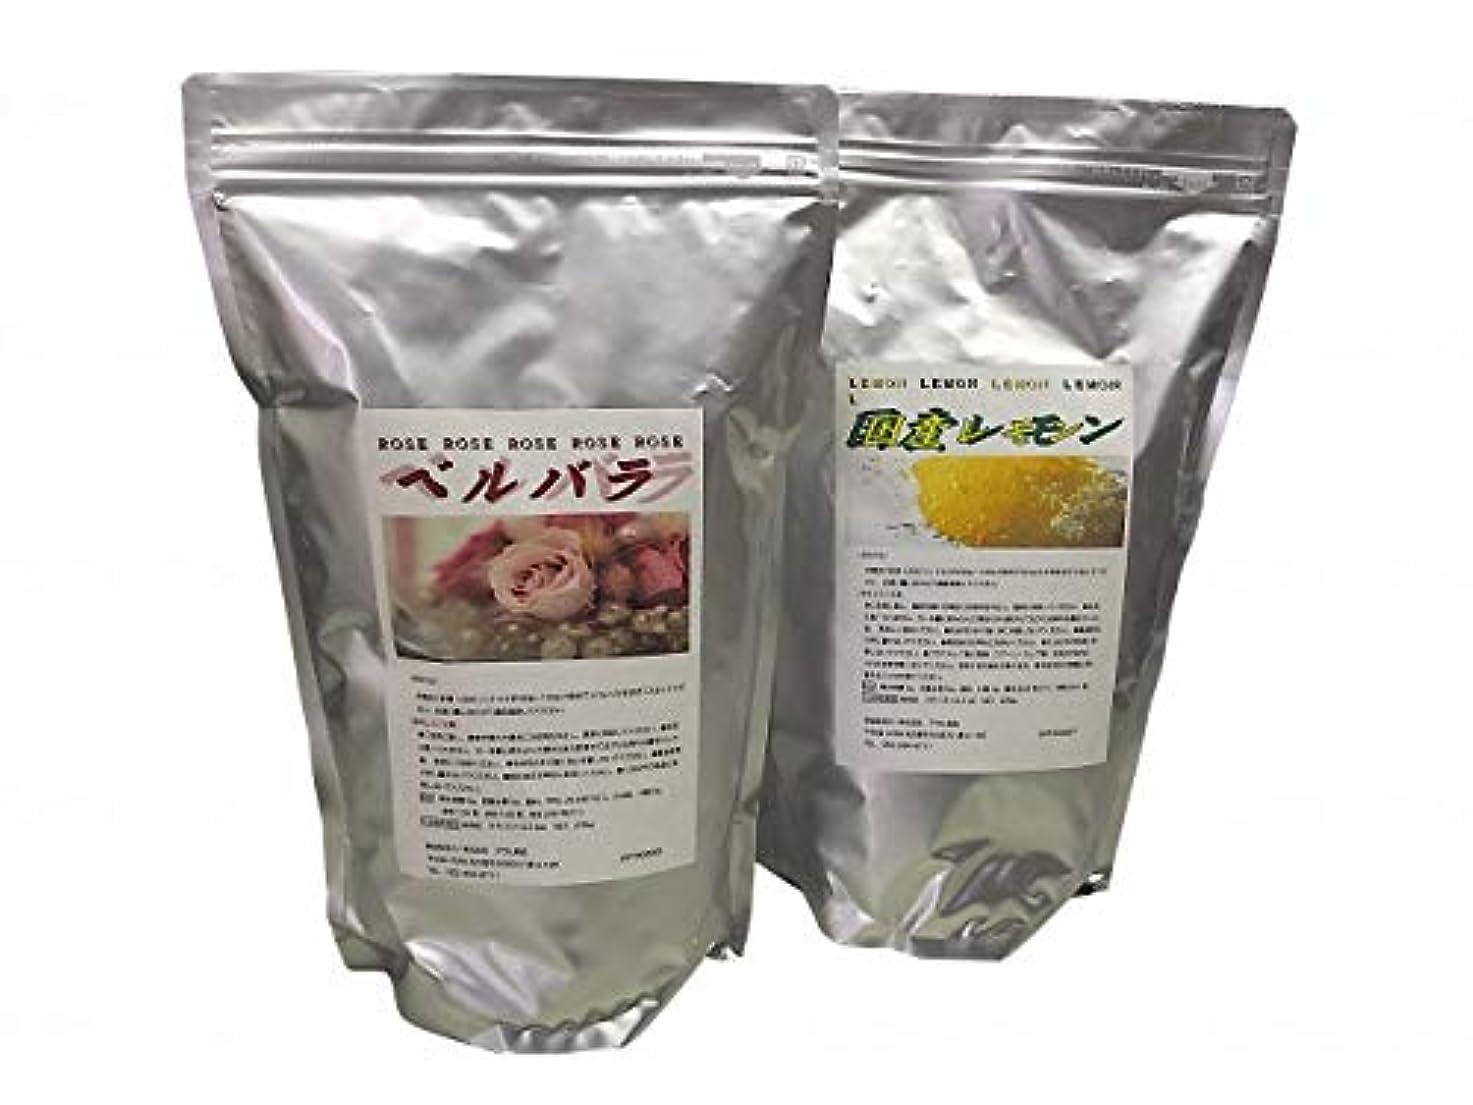 アサヒ商会 アサヒ入浴化粧品 ベルバラ 1袋